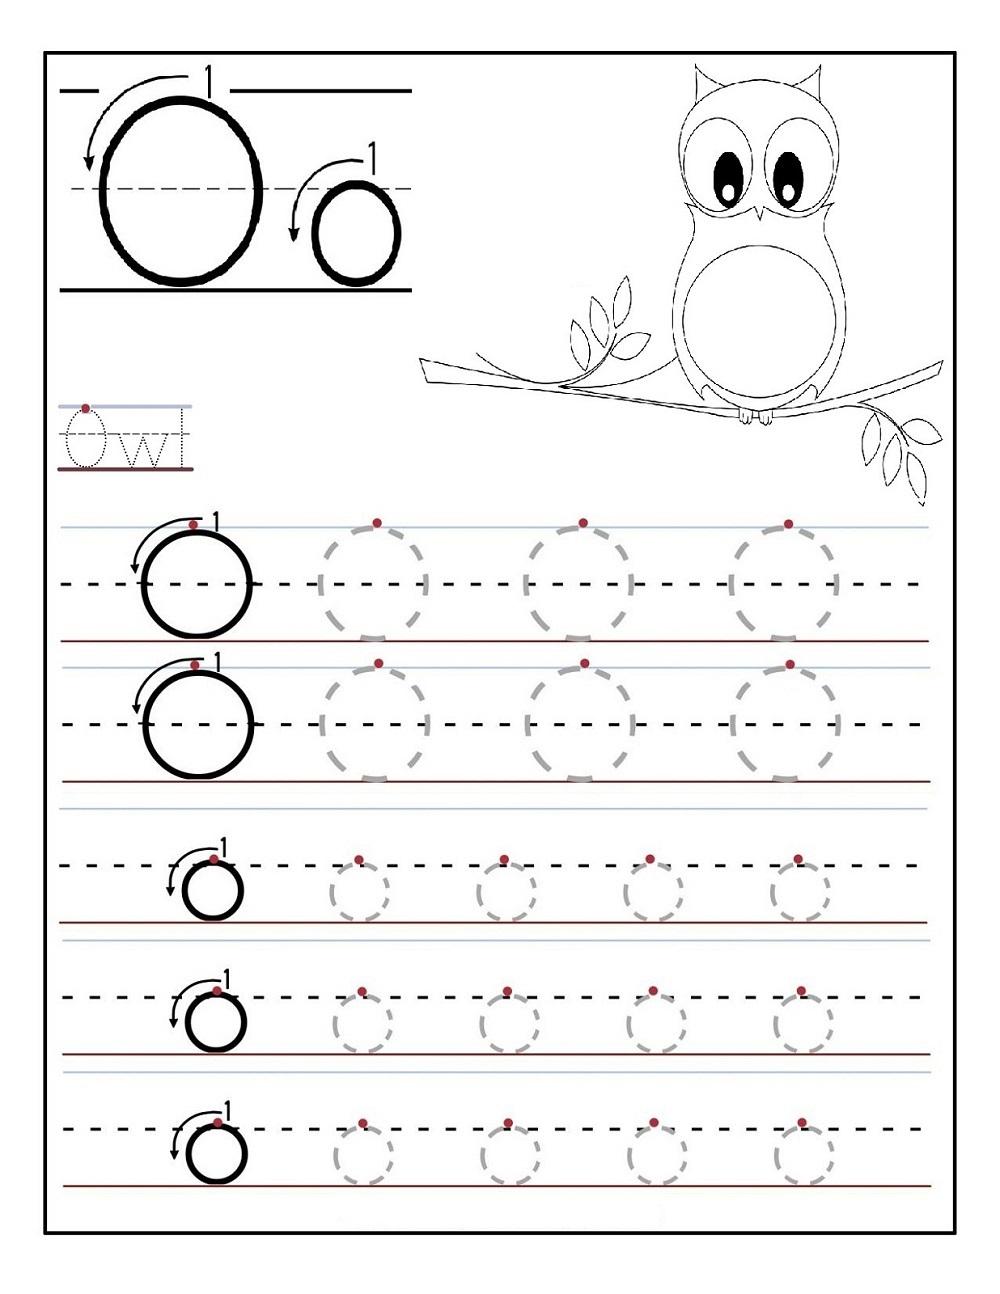 Tracing Letter O Worksheets | Activity Shelter inside Letter O Worksheets For Kindergarten